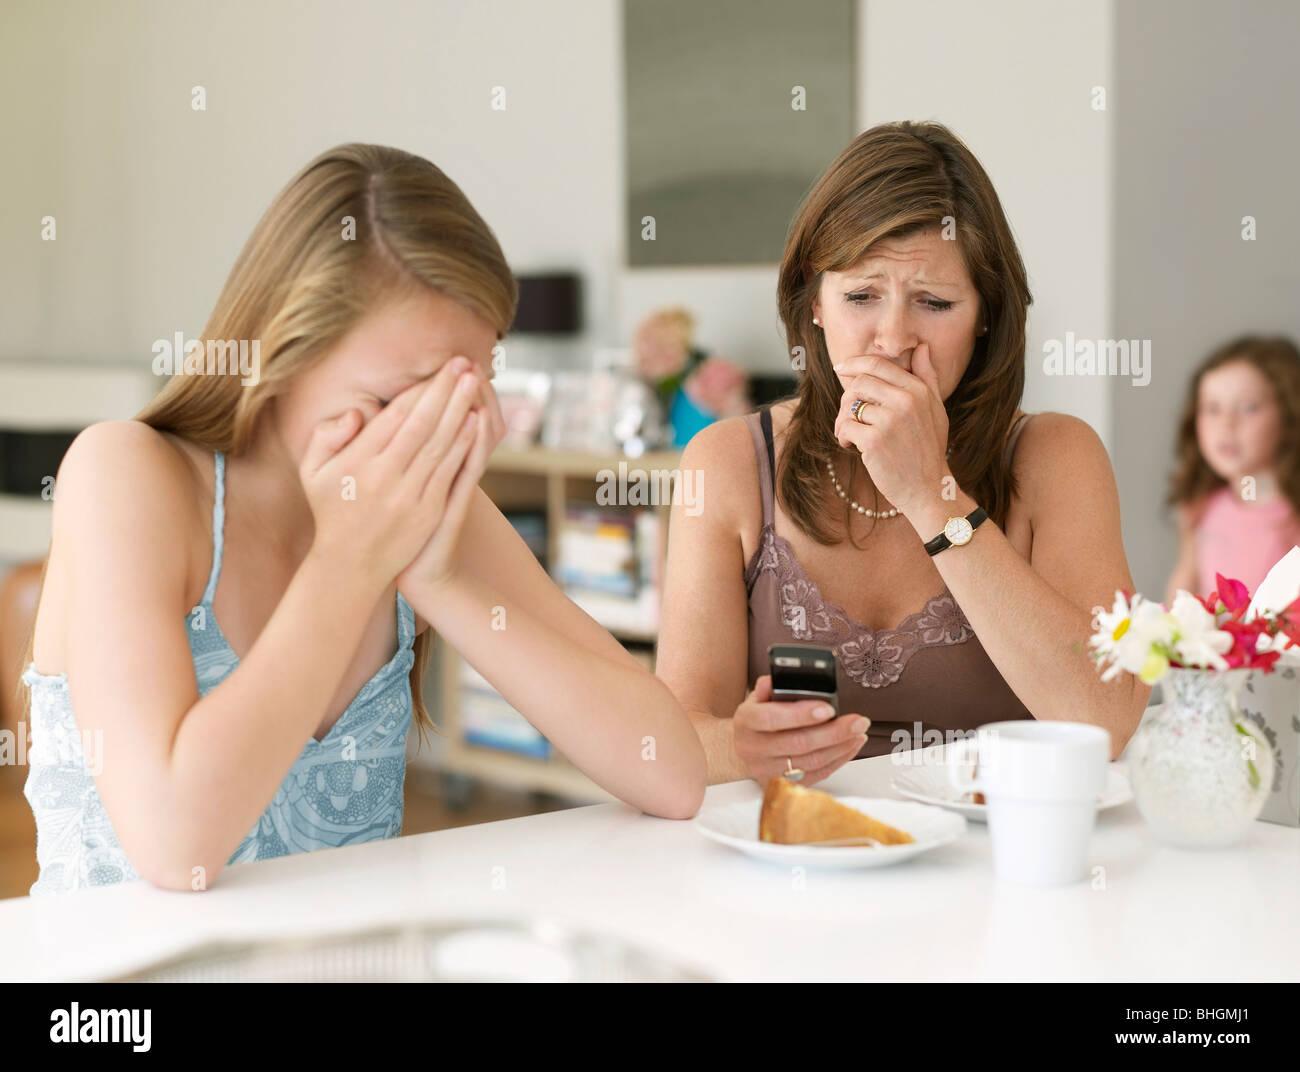 La madre vede il cyber bullismo sul cellulare Immagini Stock